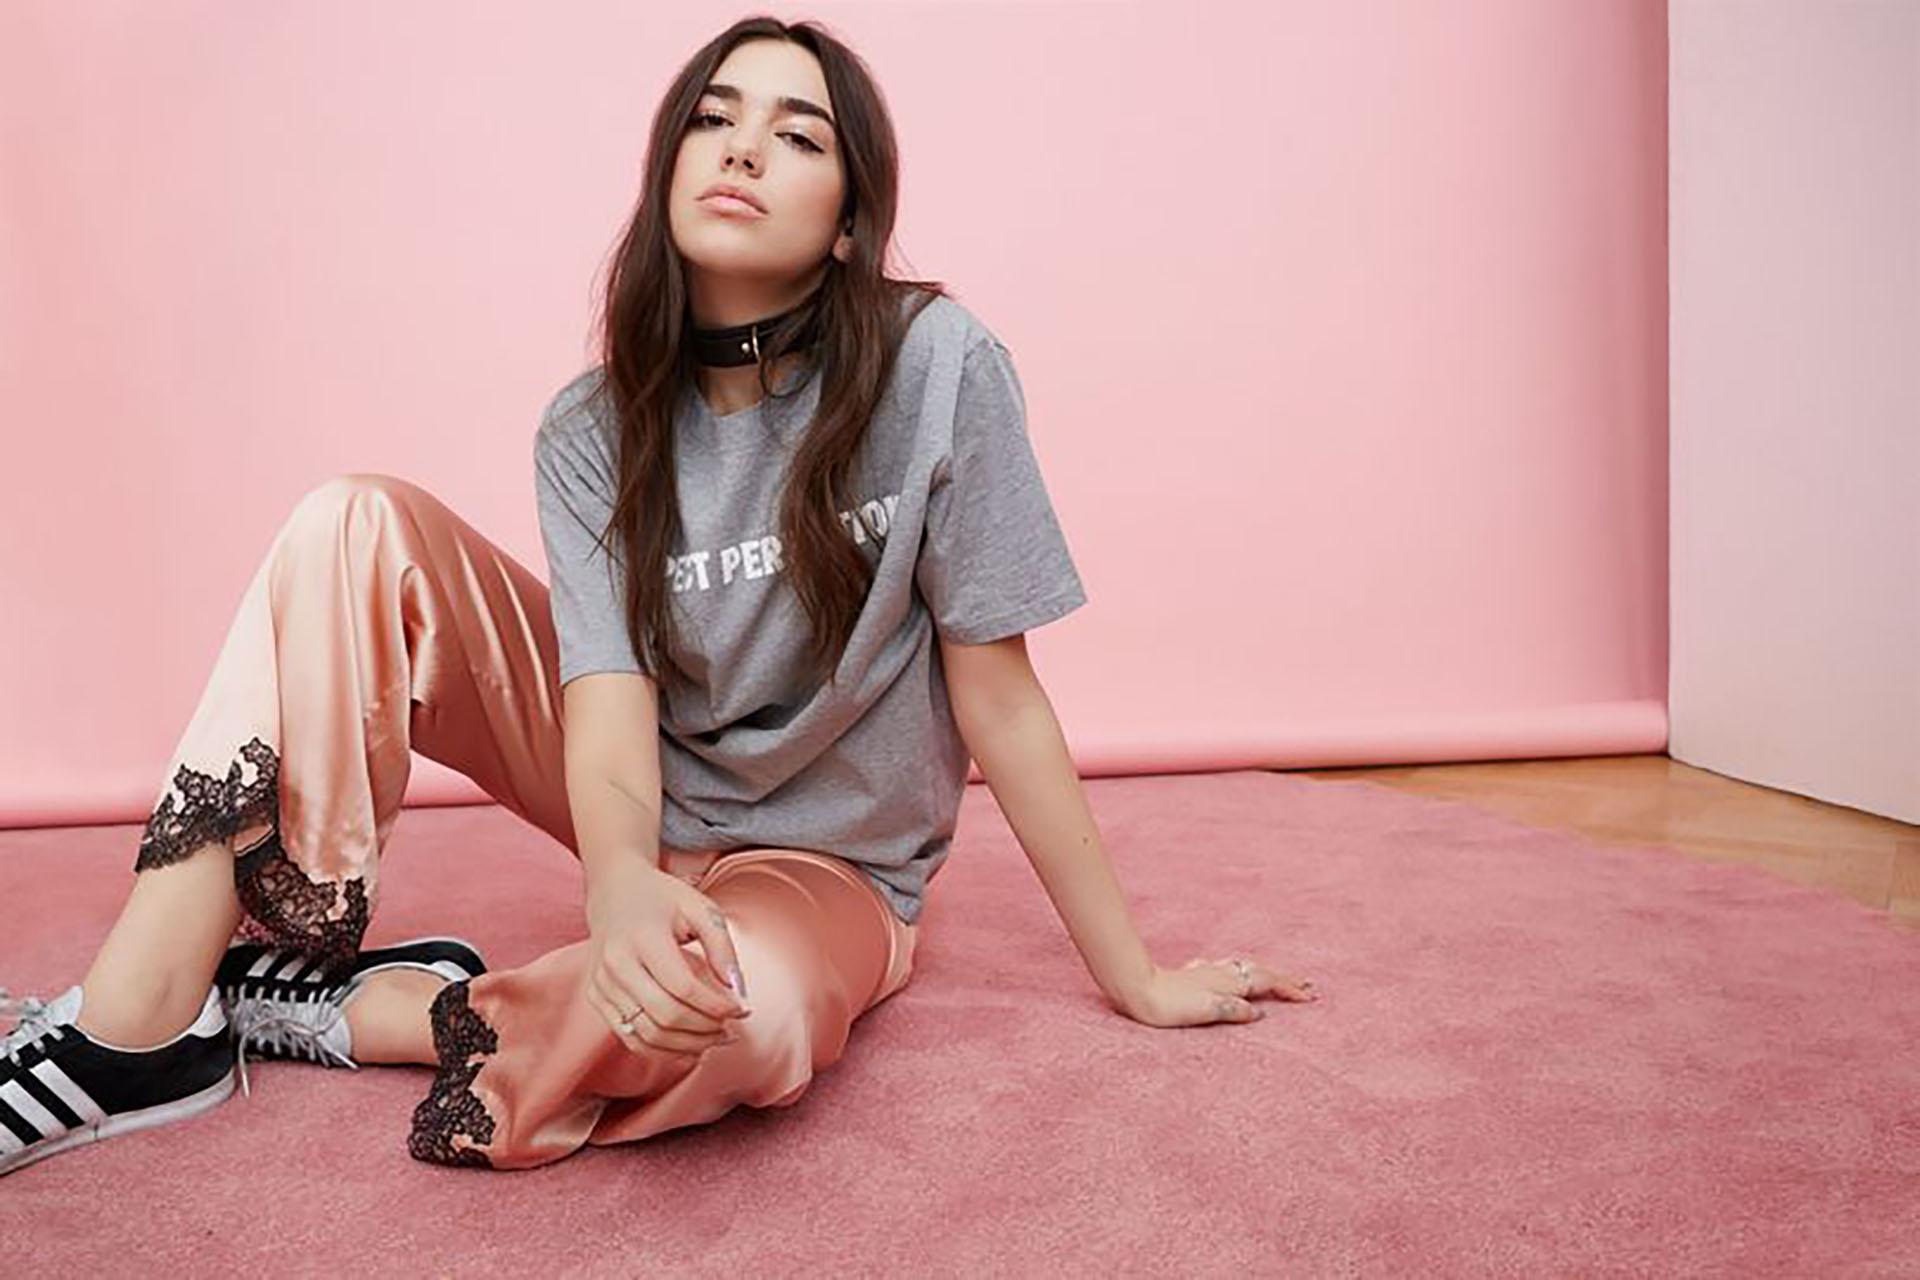 """Dua Lipa posó para Vogue, """"la biblia de la moda"""" y se convirtió en una fuente de inspiración para los adolescentes por su talento y su estilo. (Vogue)"""